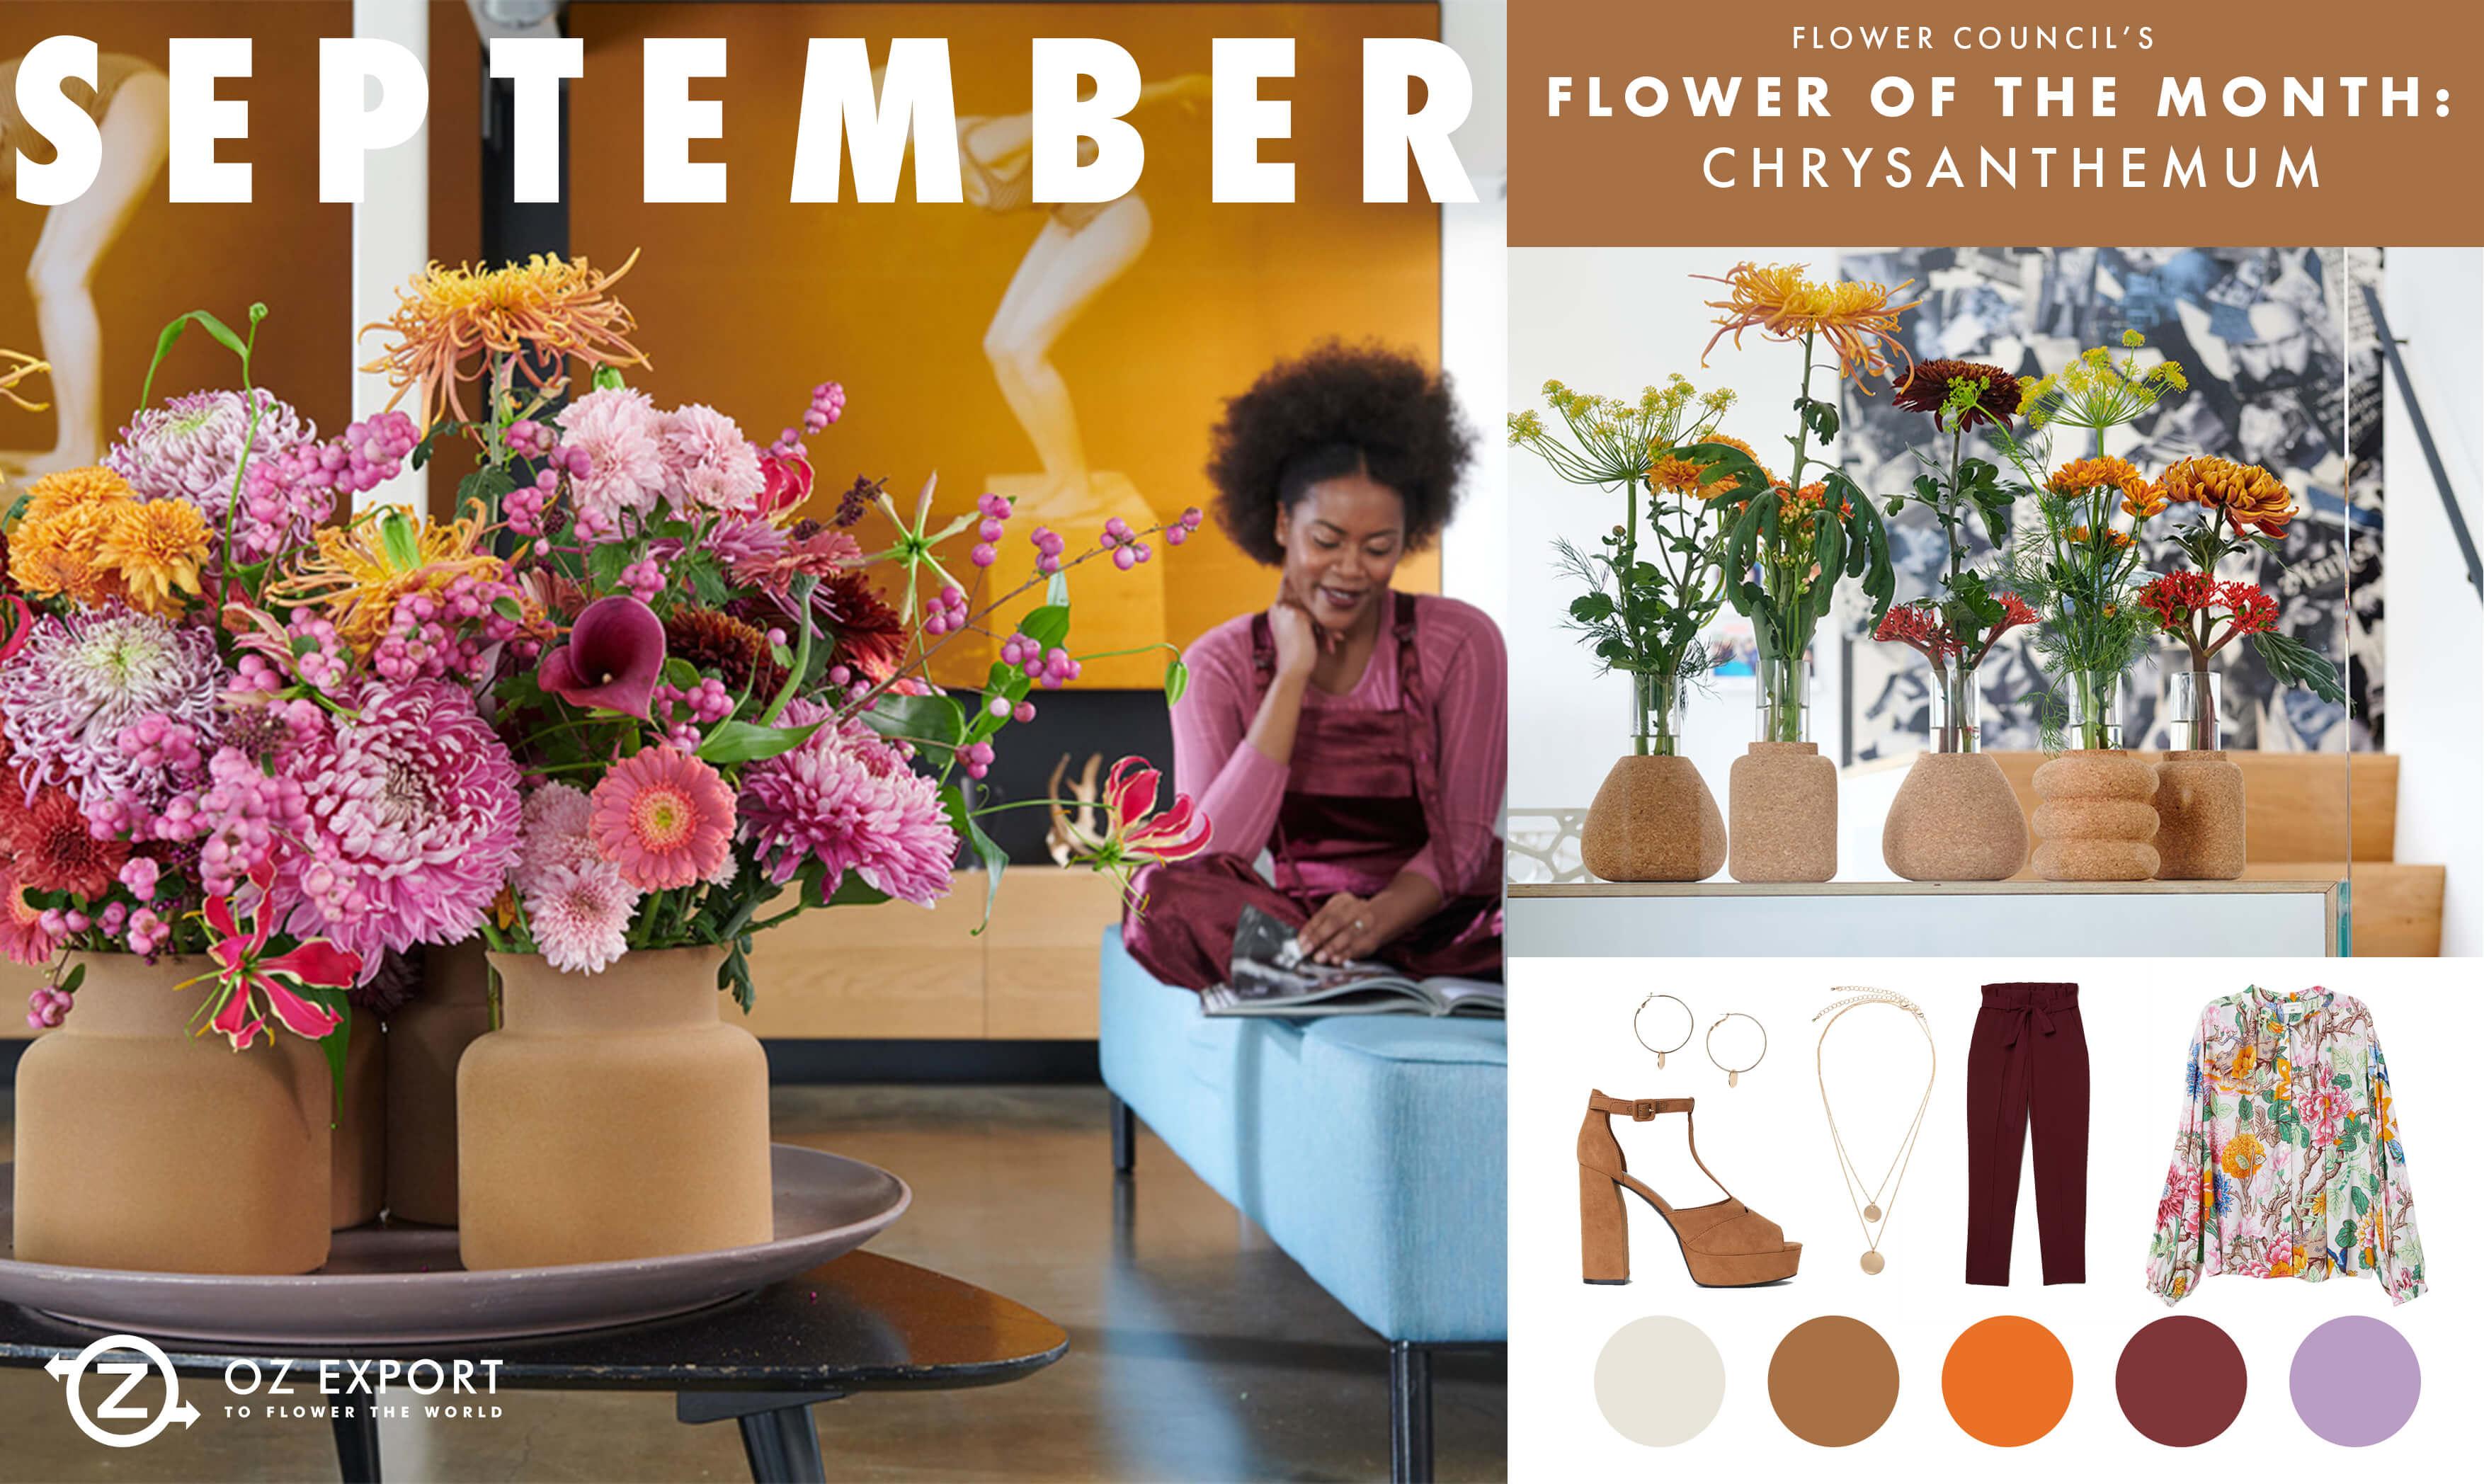 Fiori Di Stagione Settembre pengo fioriottieni l'ispirazione della trend mood board